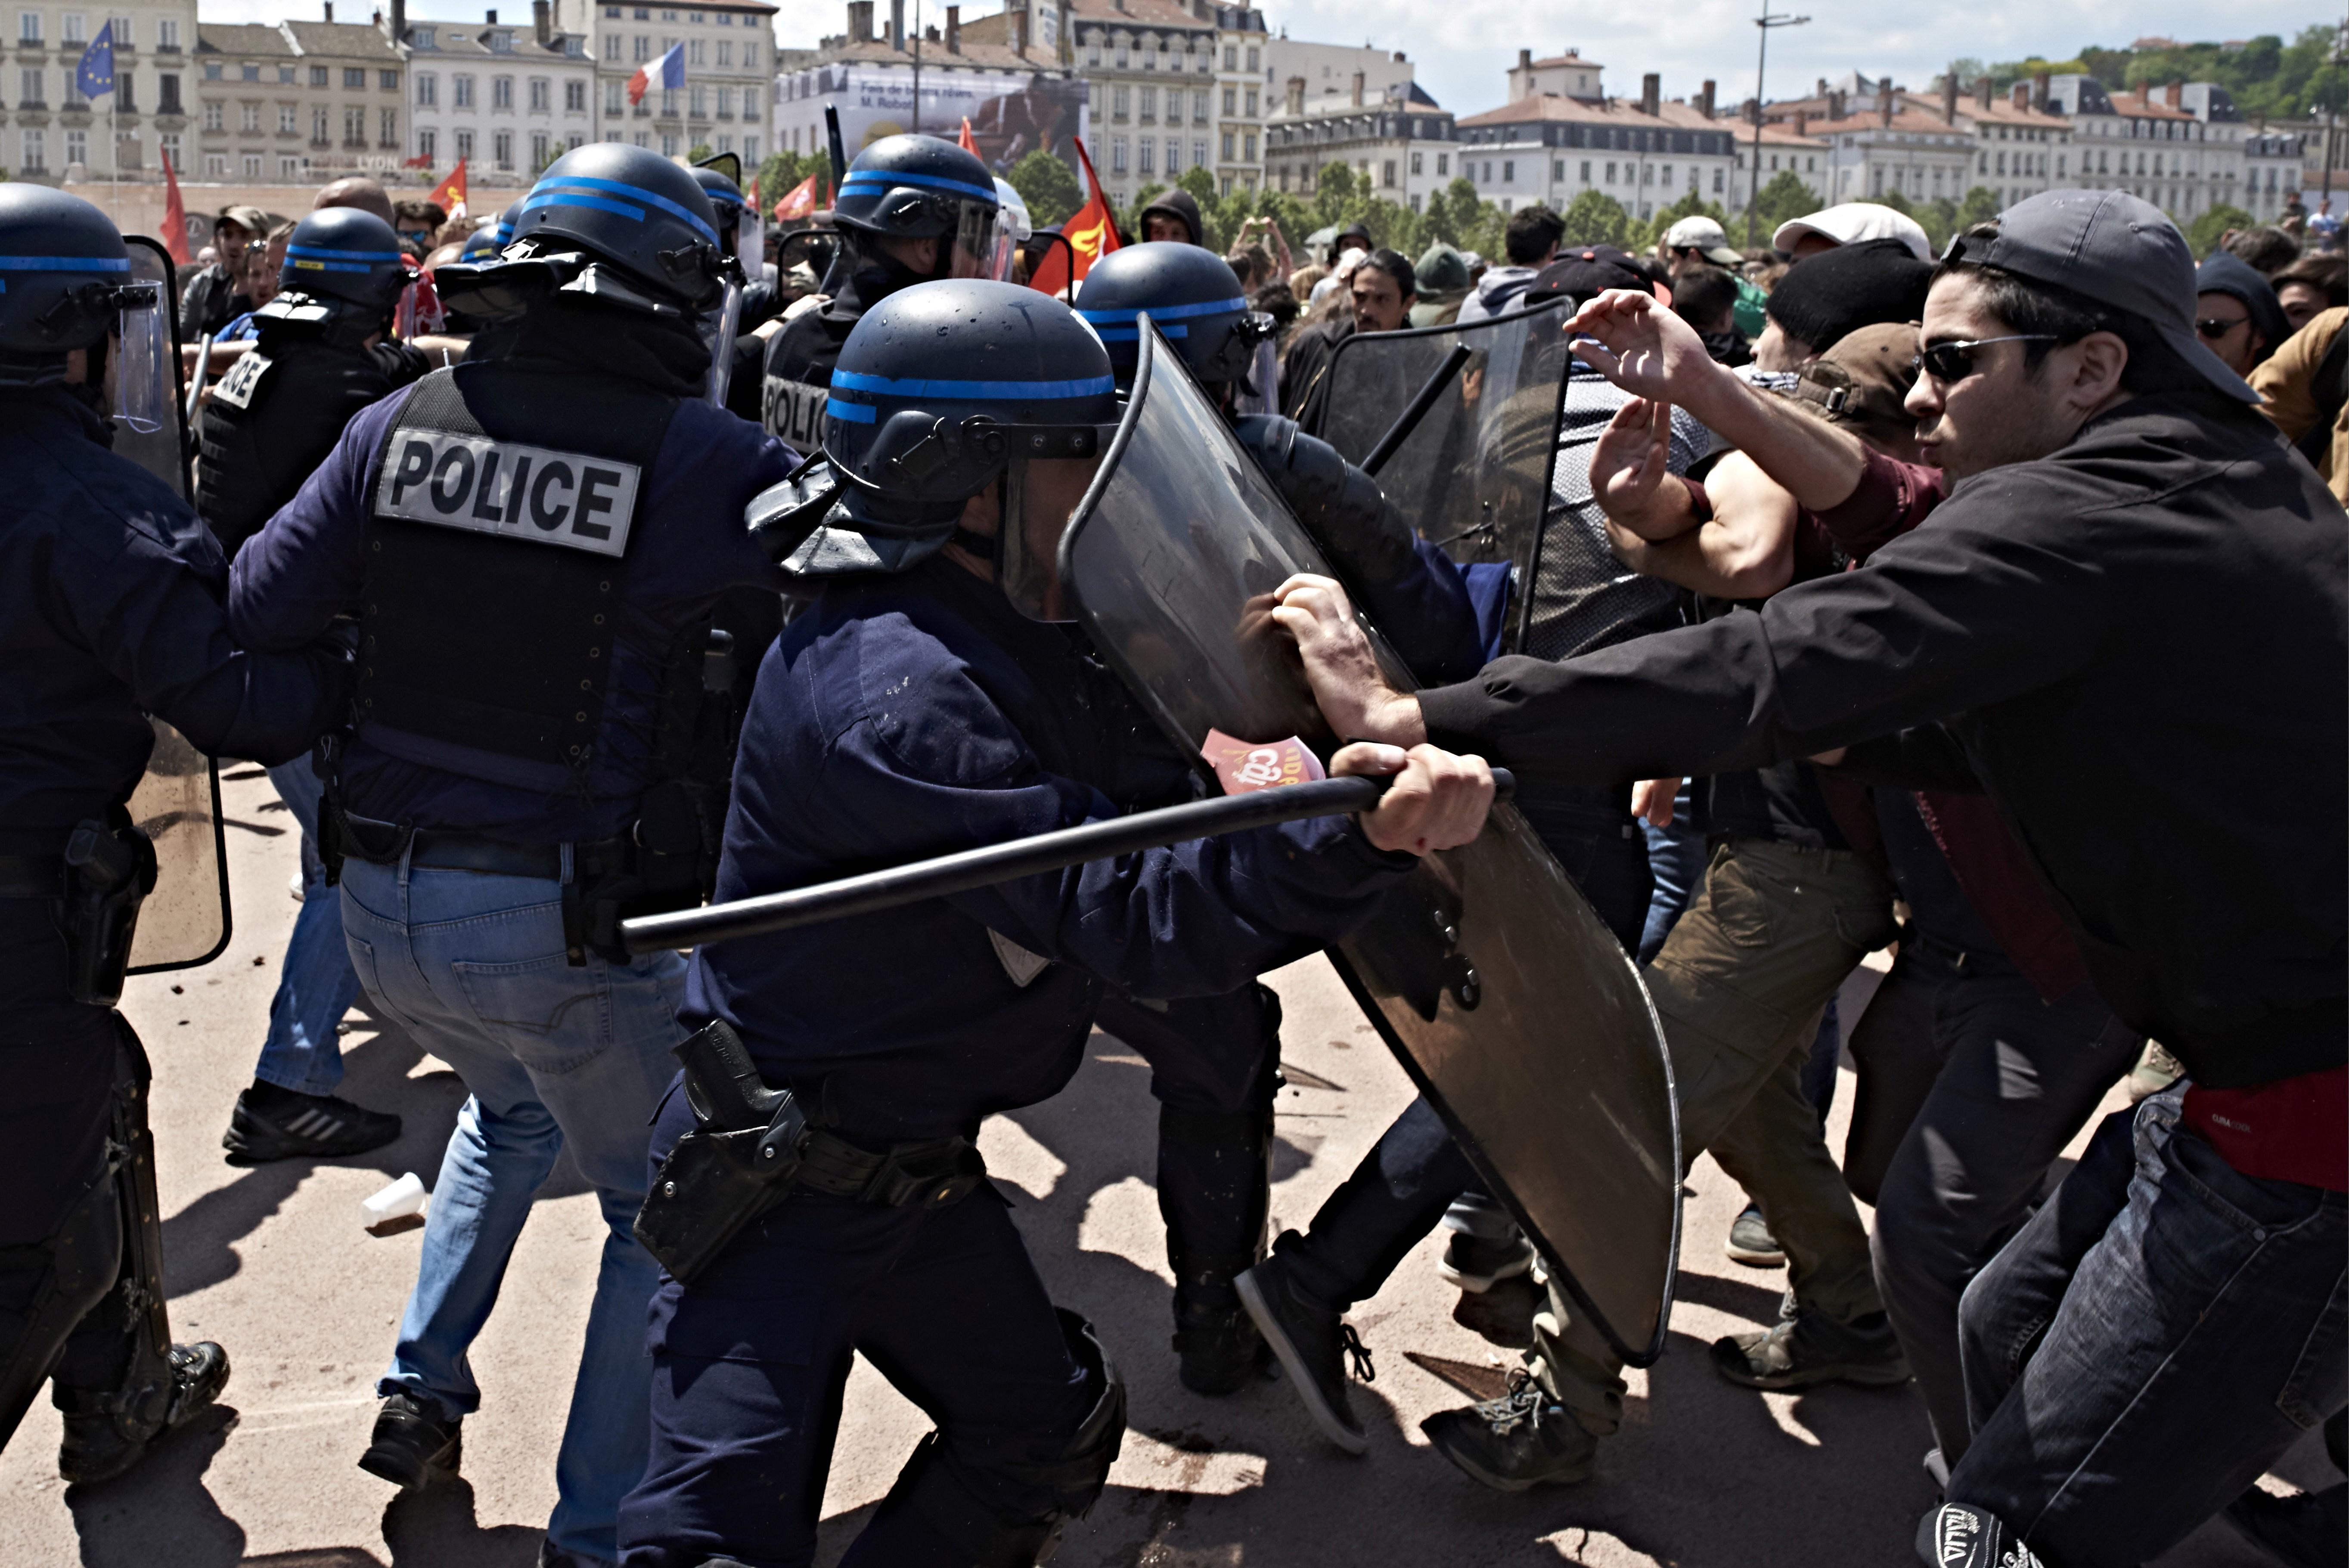 مواجهات خلال مظاهرة ضد قانون العمل الذي تسعى الحكومة الفرنسية لإقراره- أرشيف